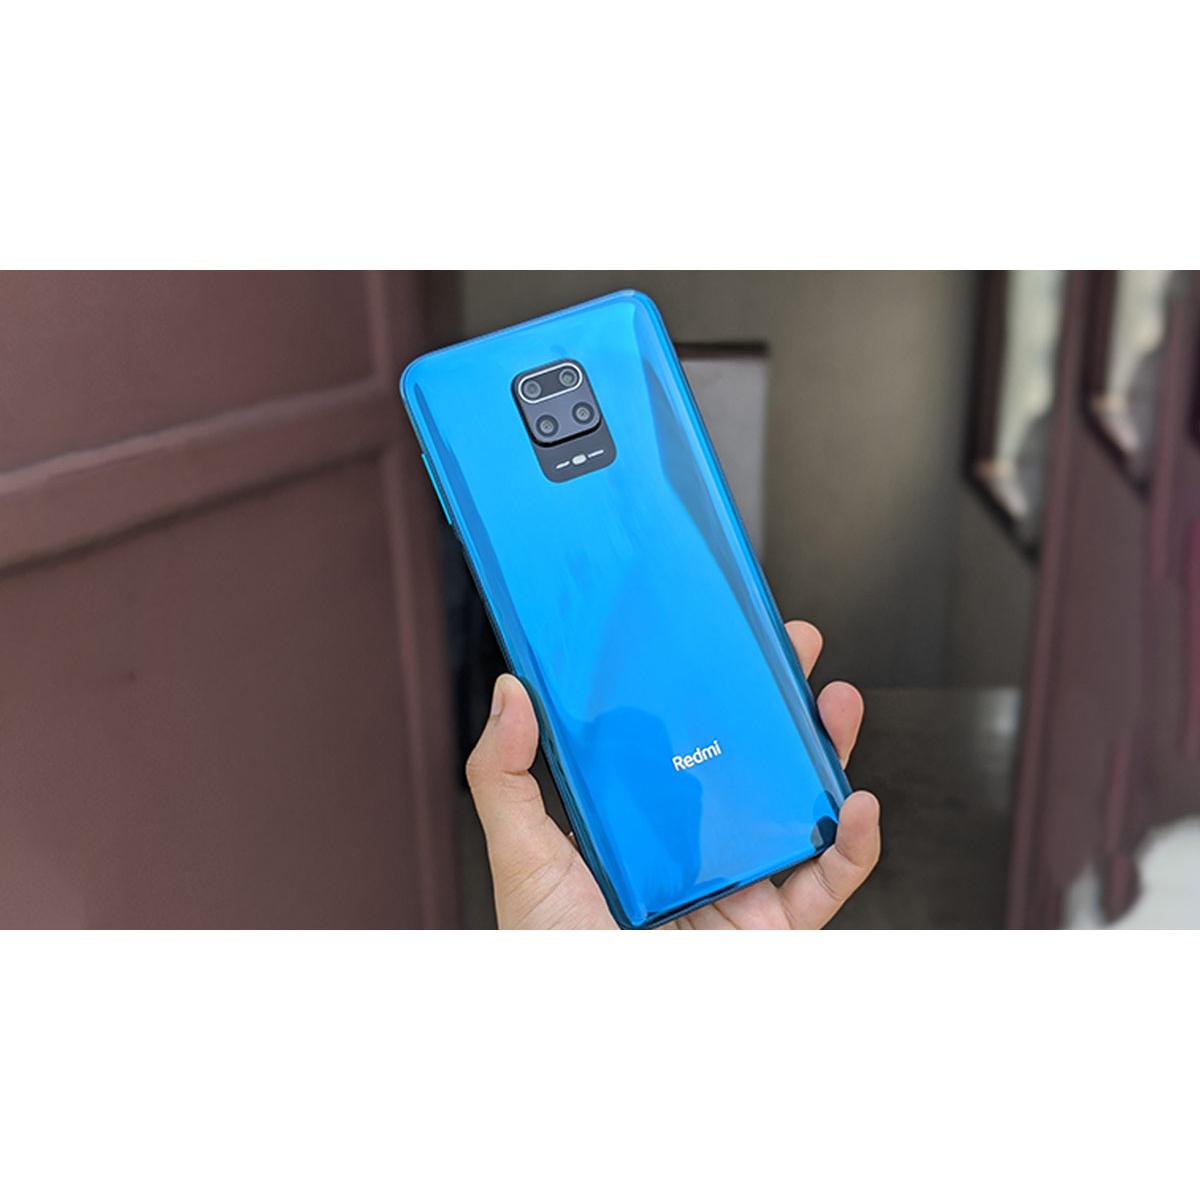 گوشی موبایل شیائومی مدل Redmi Note 9S M2003J6A1G دو سیم کارت ظرفیت 64 گیگابایت  main 1 13